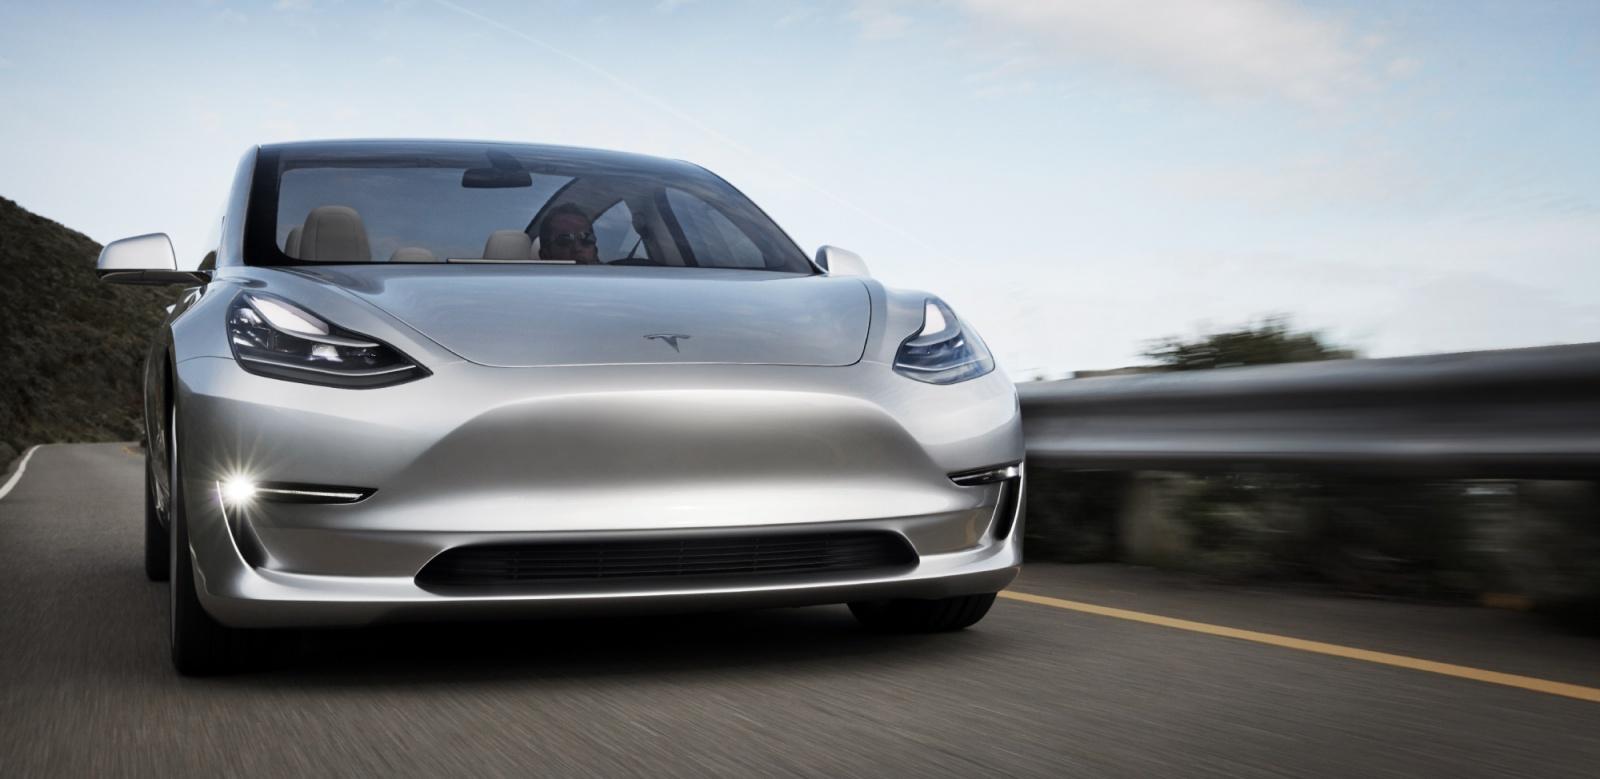 Электромотор самой недорогой модели автомобиля Tesla мощнее, чем двигатель BMW M3 - 1